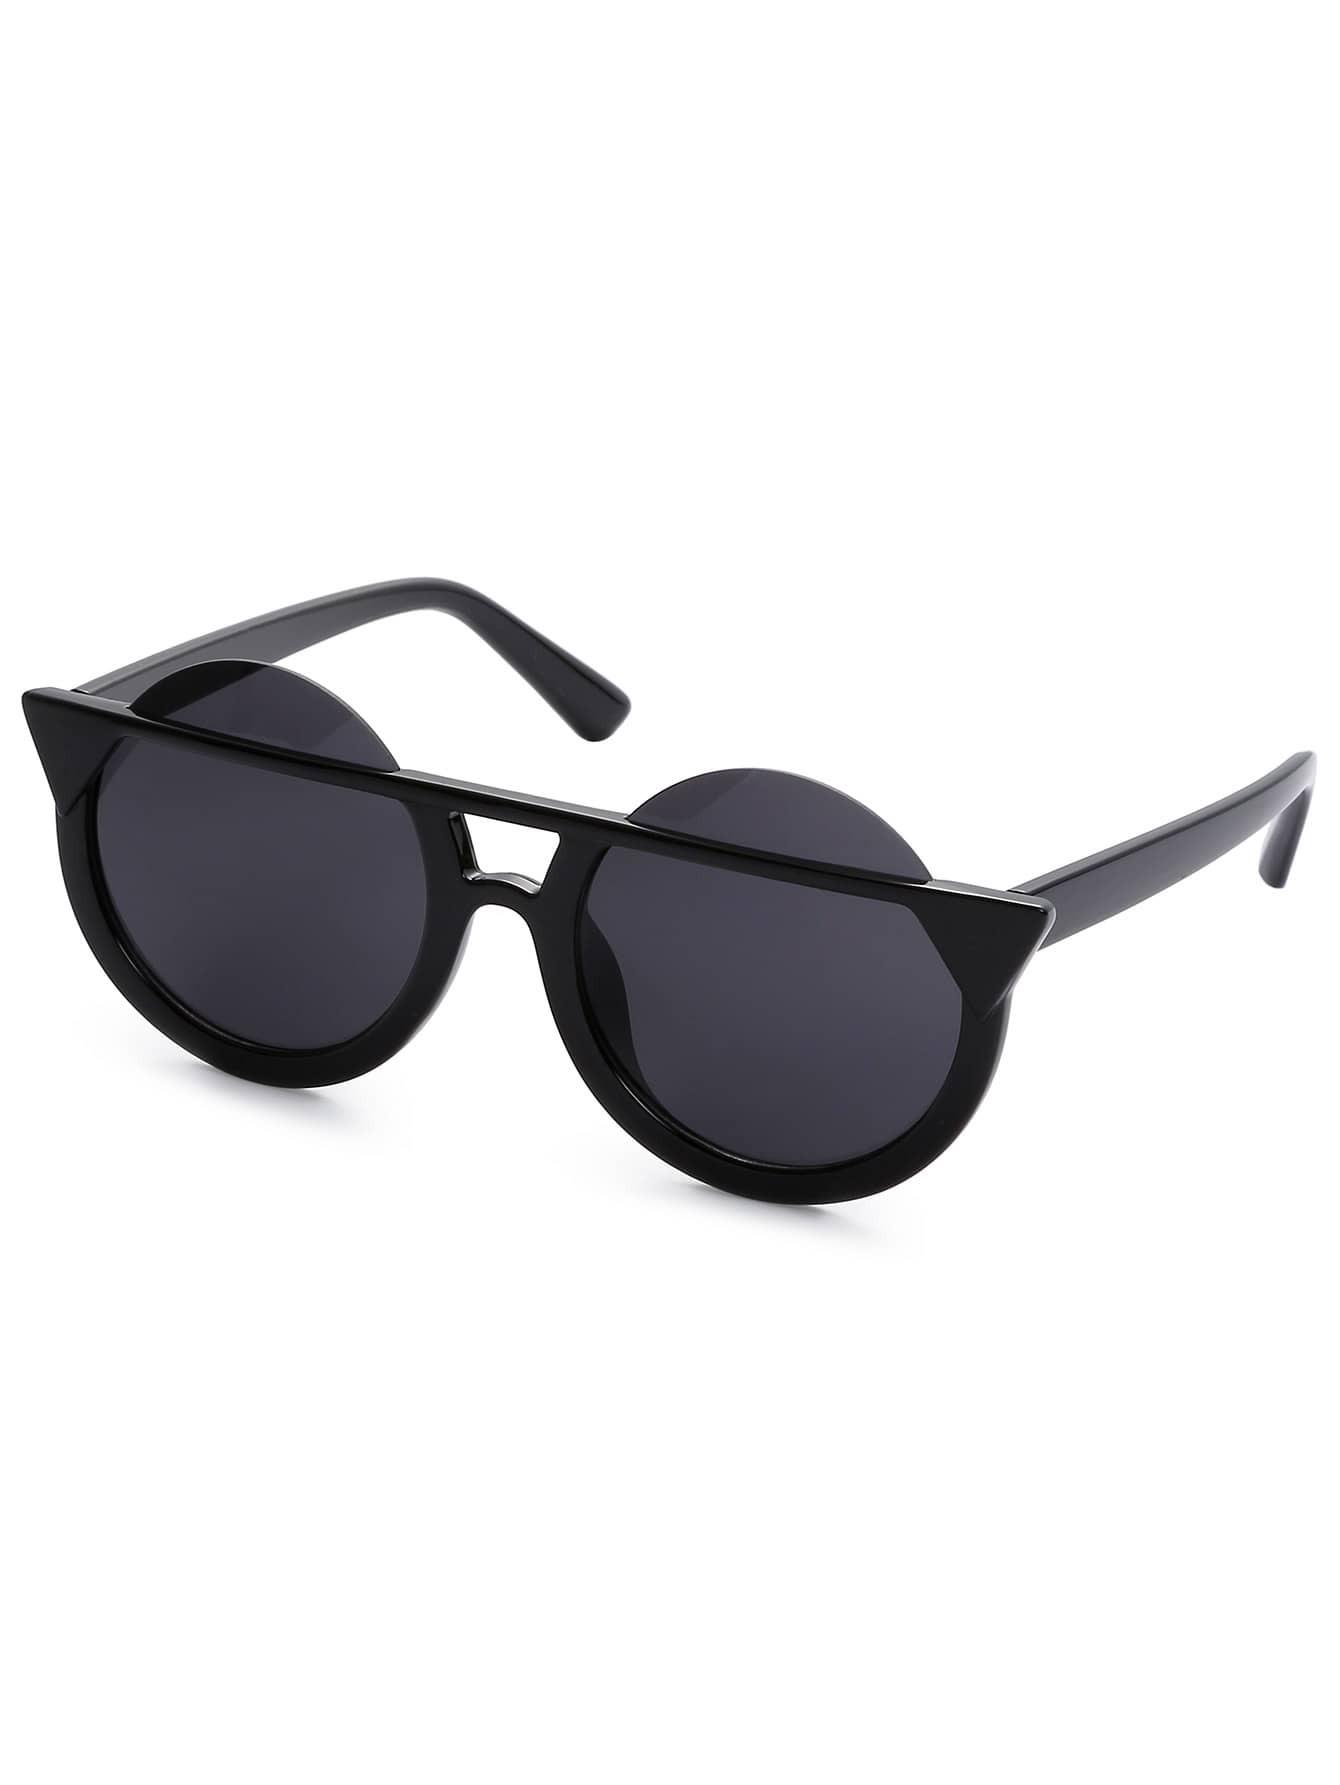 Super Dark Black Round Lens Sunglasses round lens sunglasses